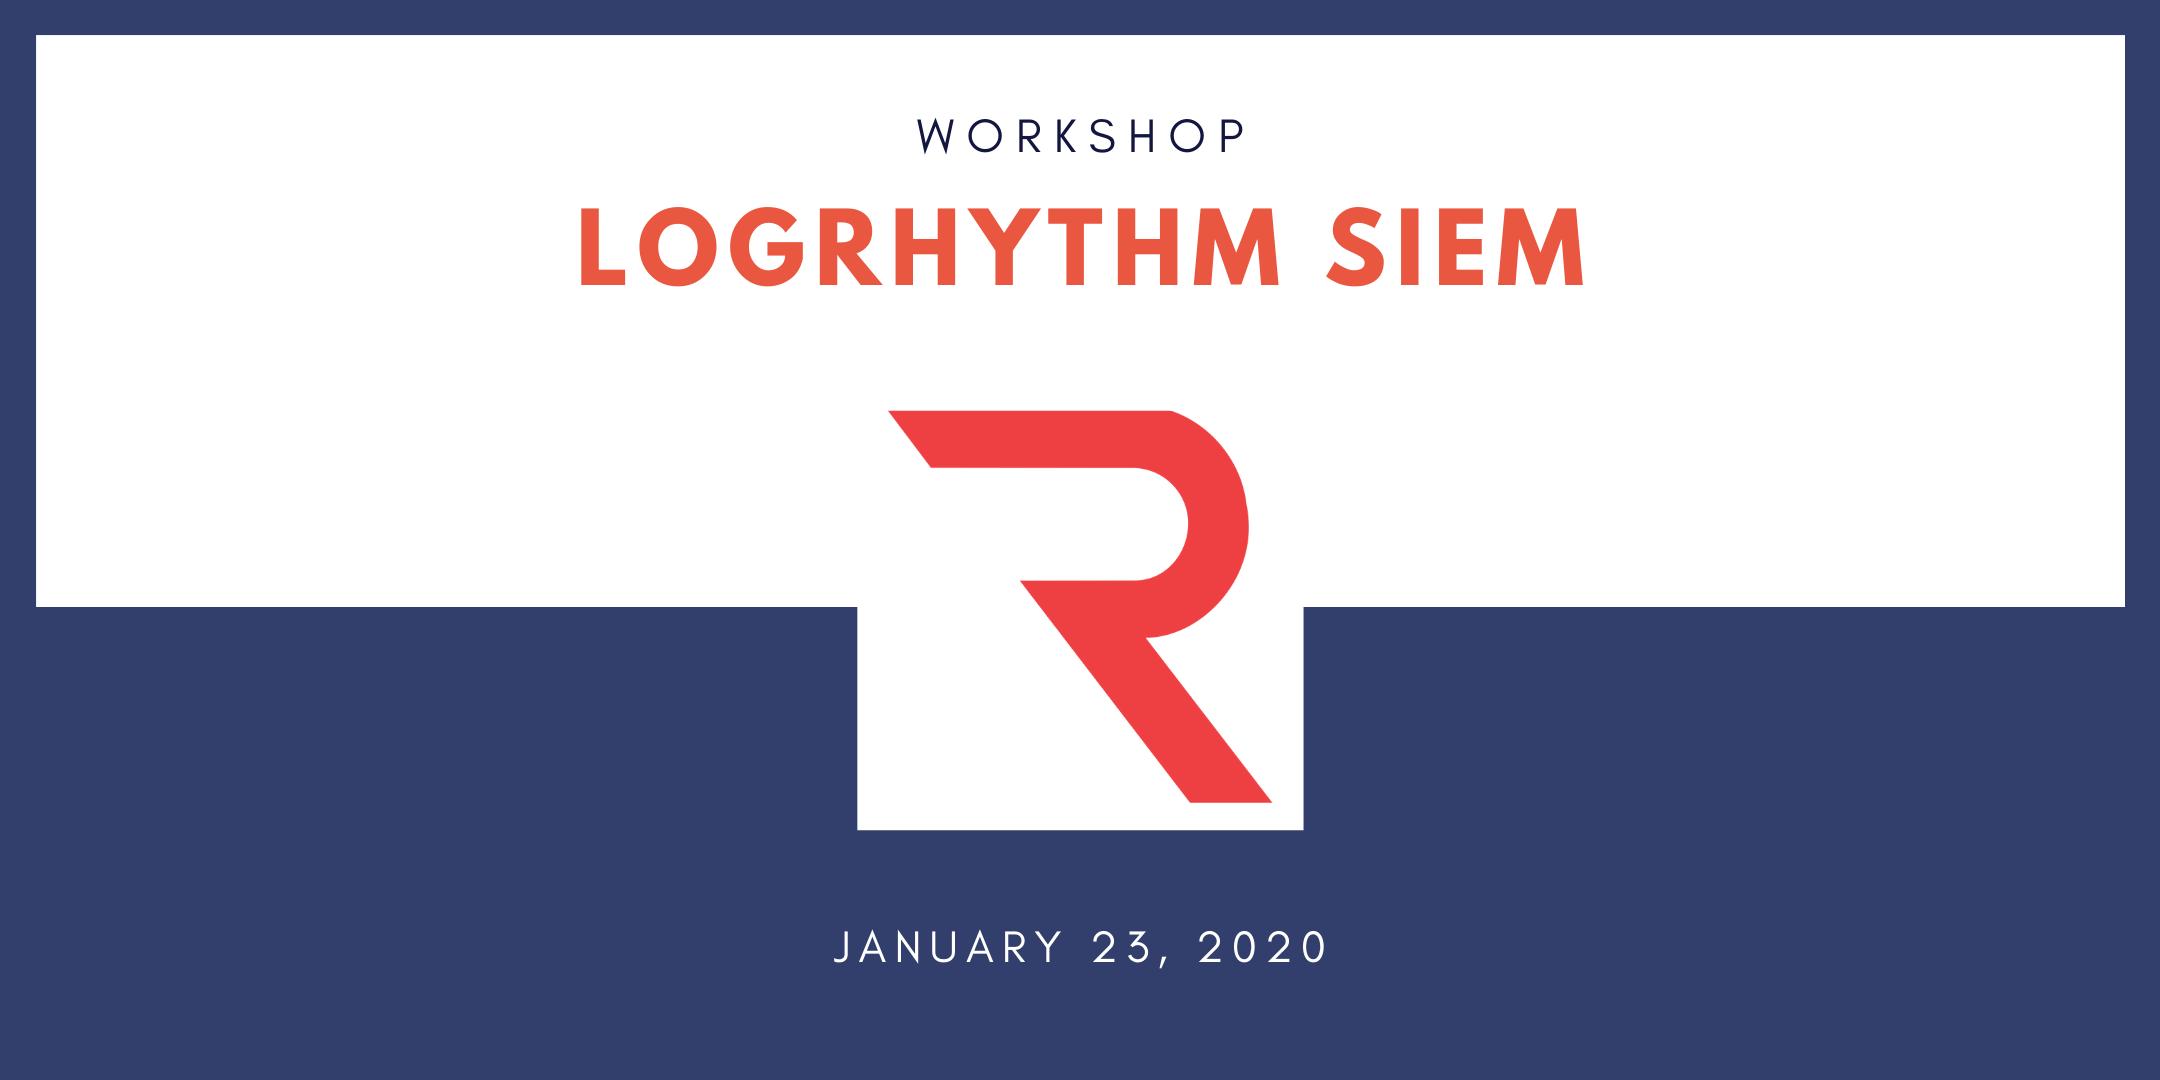 LogRhythm-Workshop-2020